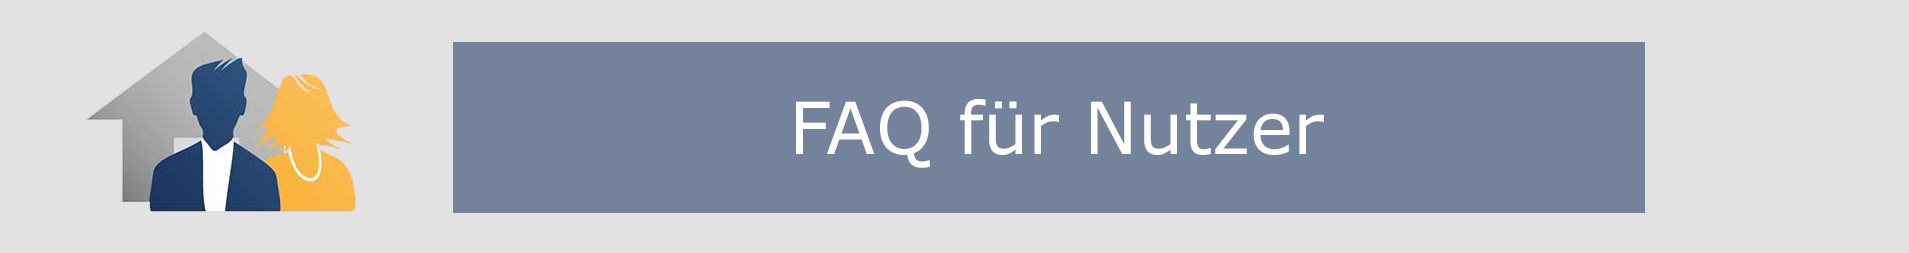 faq-fuer-nutzer